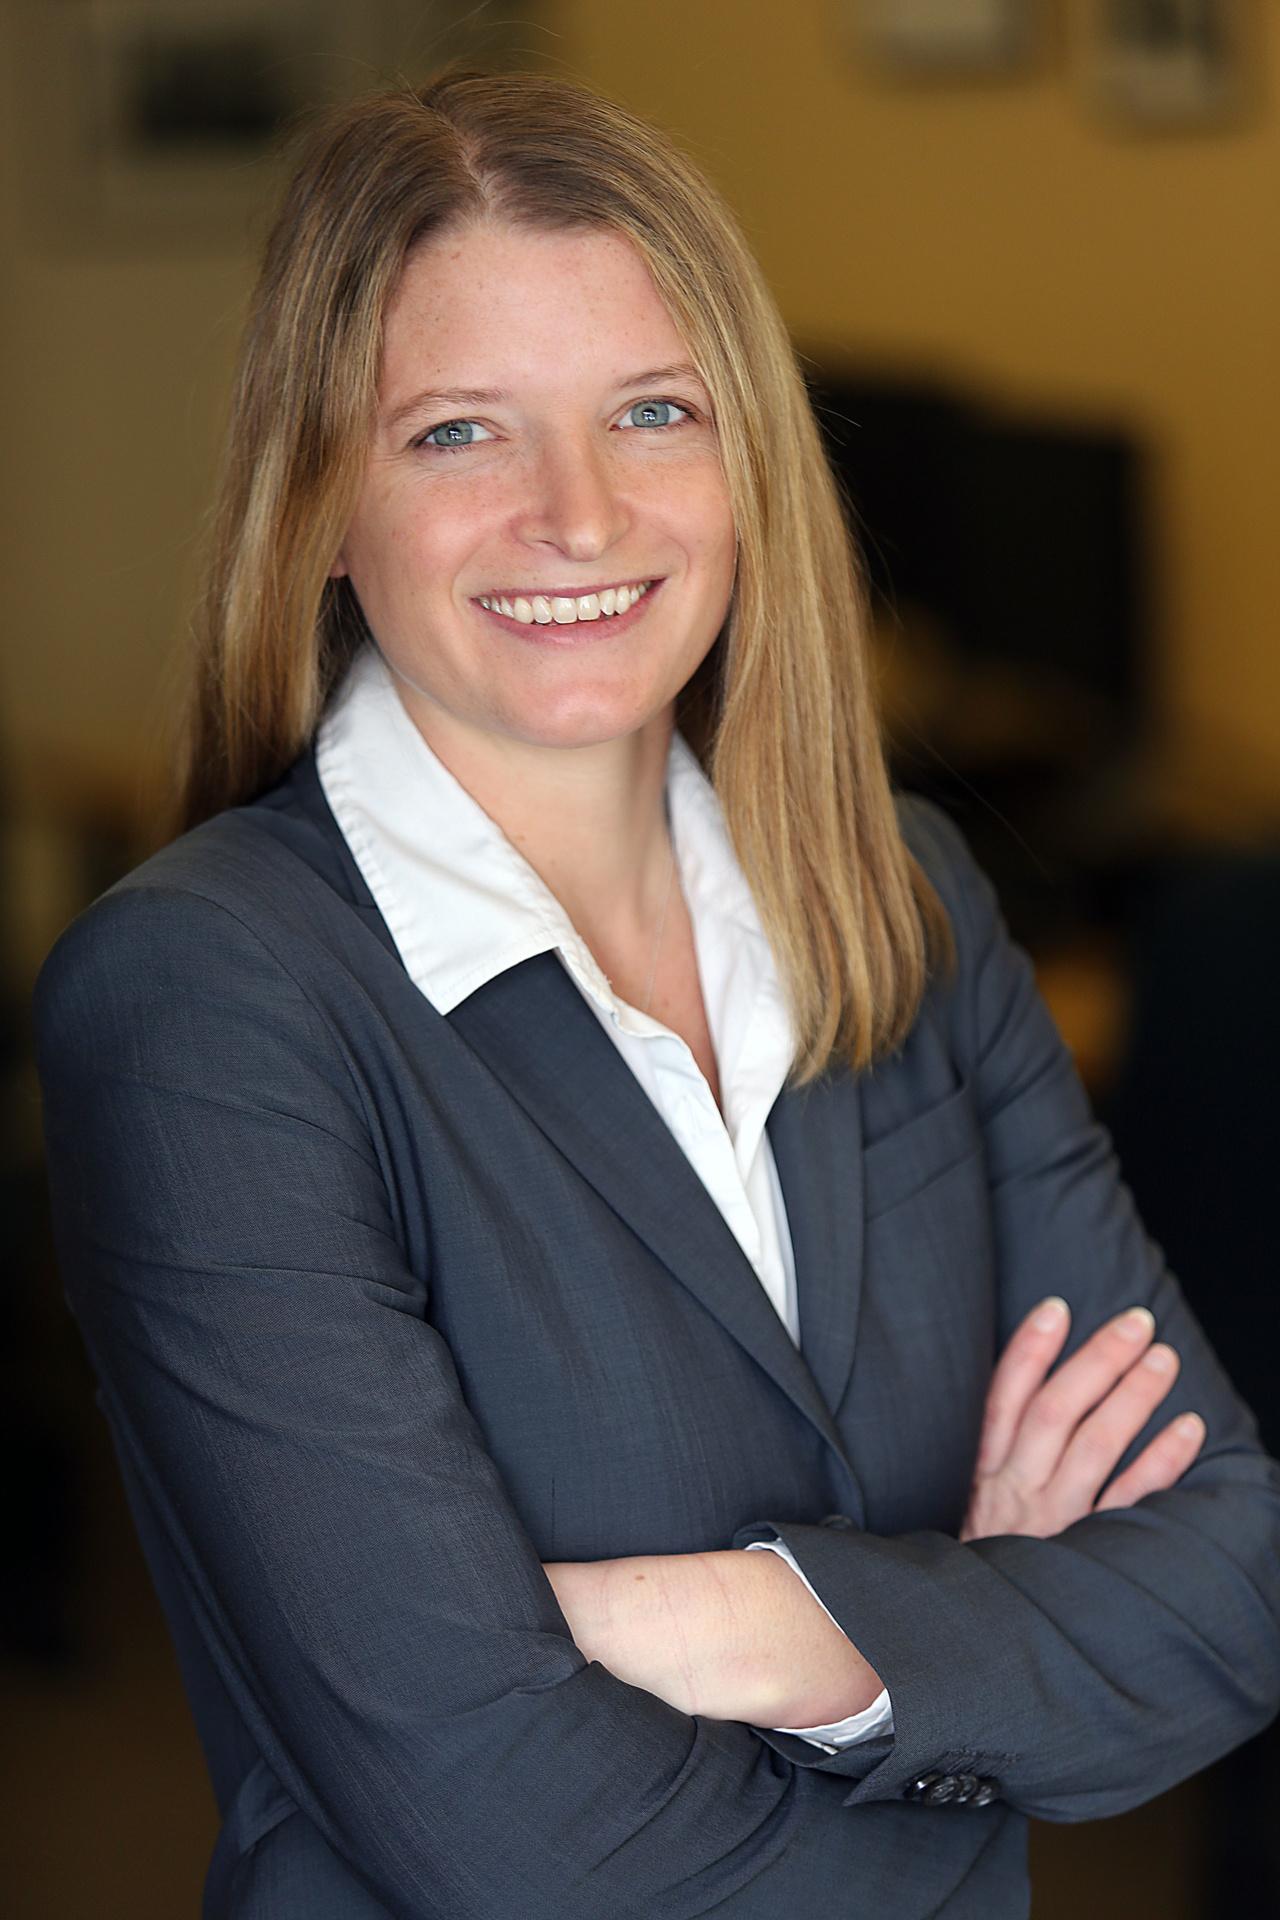 Laura Schifter